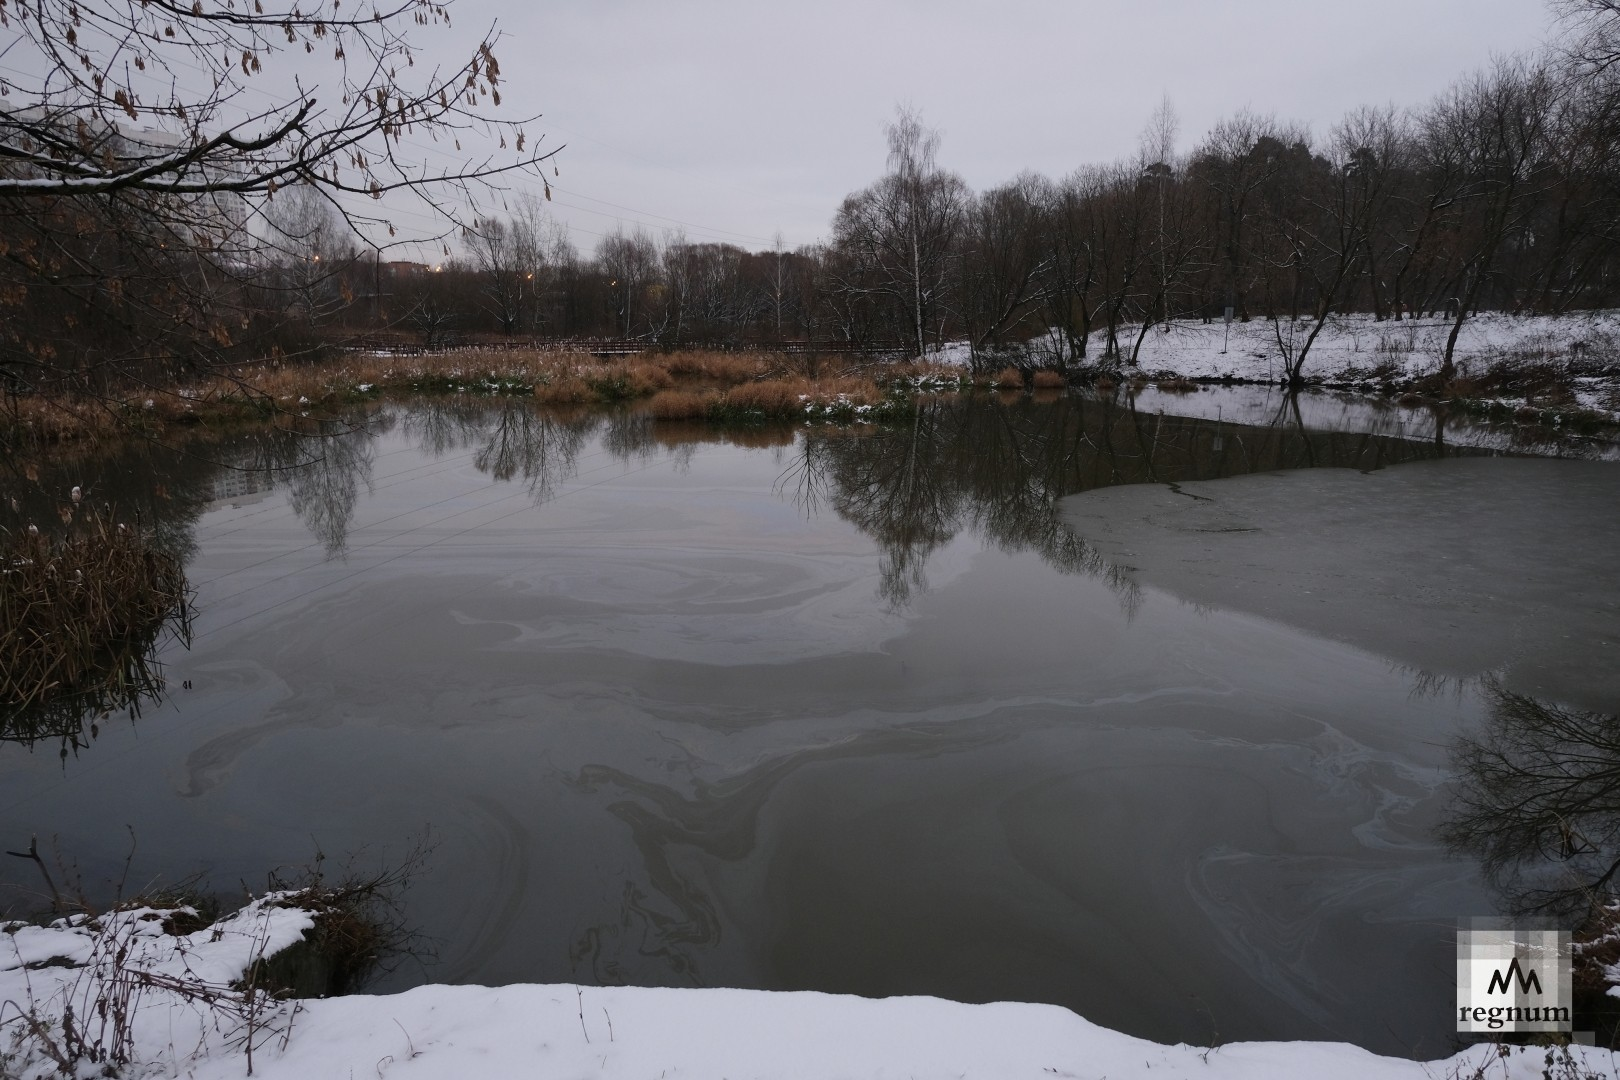 В Лосиноостровском районе Москвы произошла утечка нефтепродуктов — фото